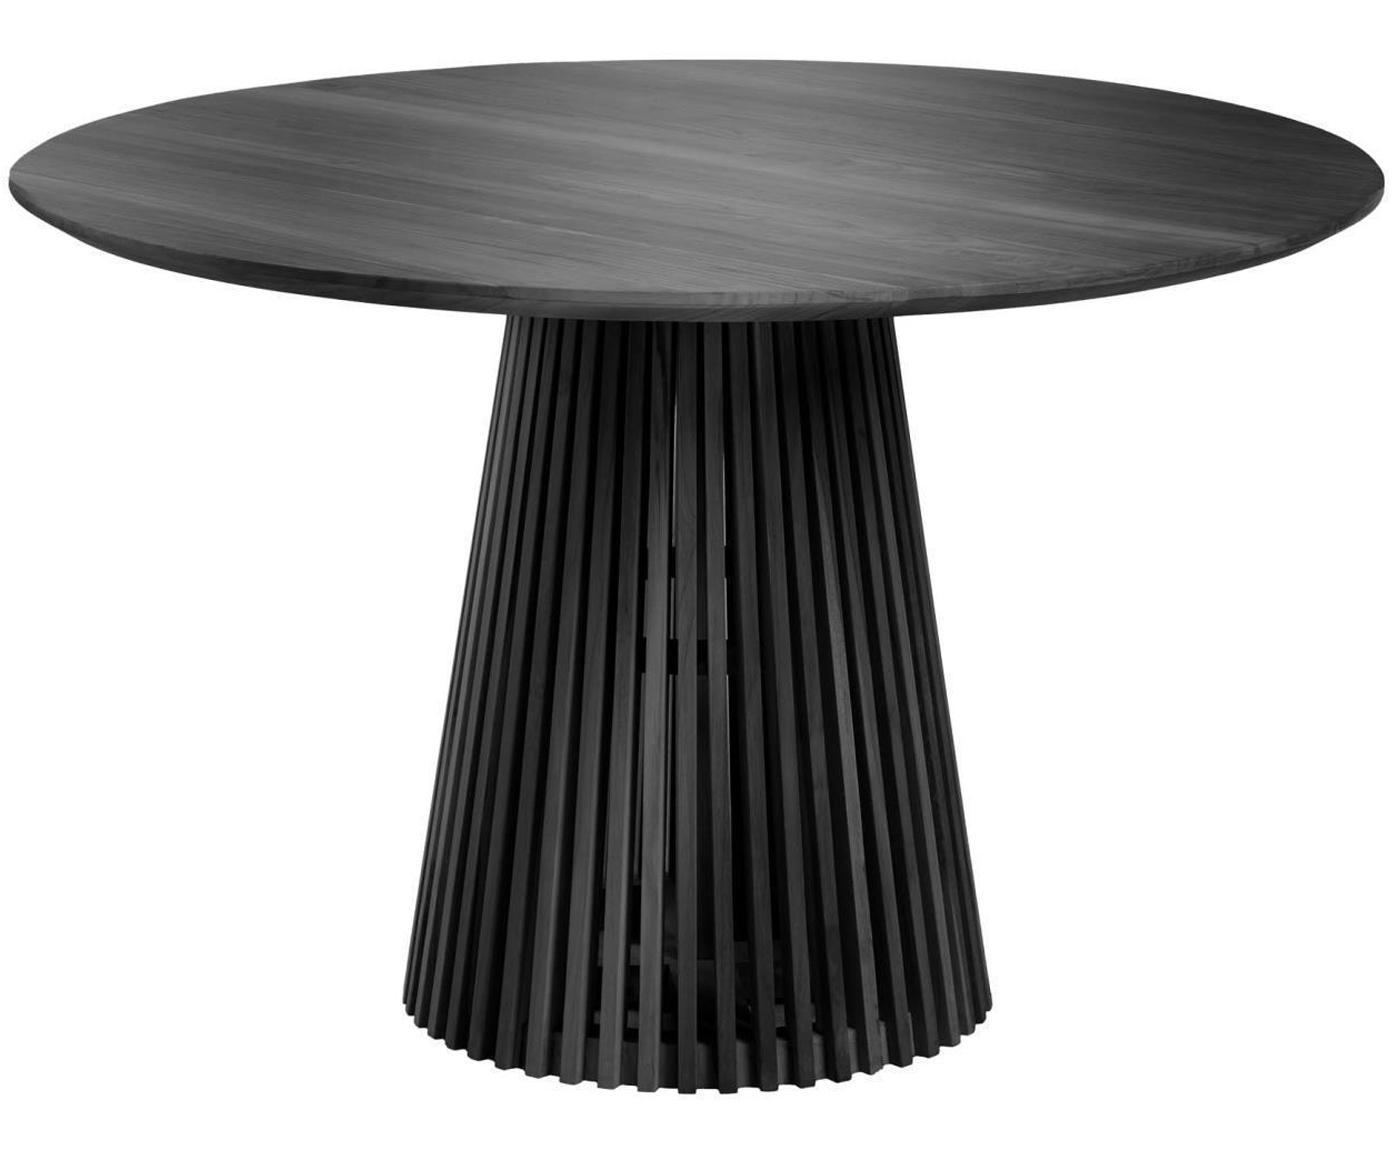 Runder Massivholz Esstisch Jeanette im Skandi Design, Holz, Schwarz, 120 x 78 cm